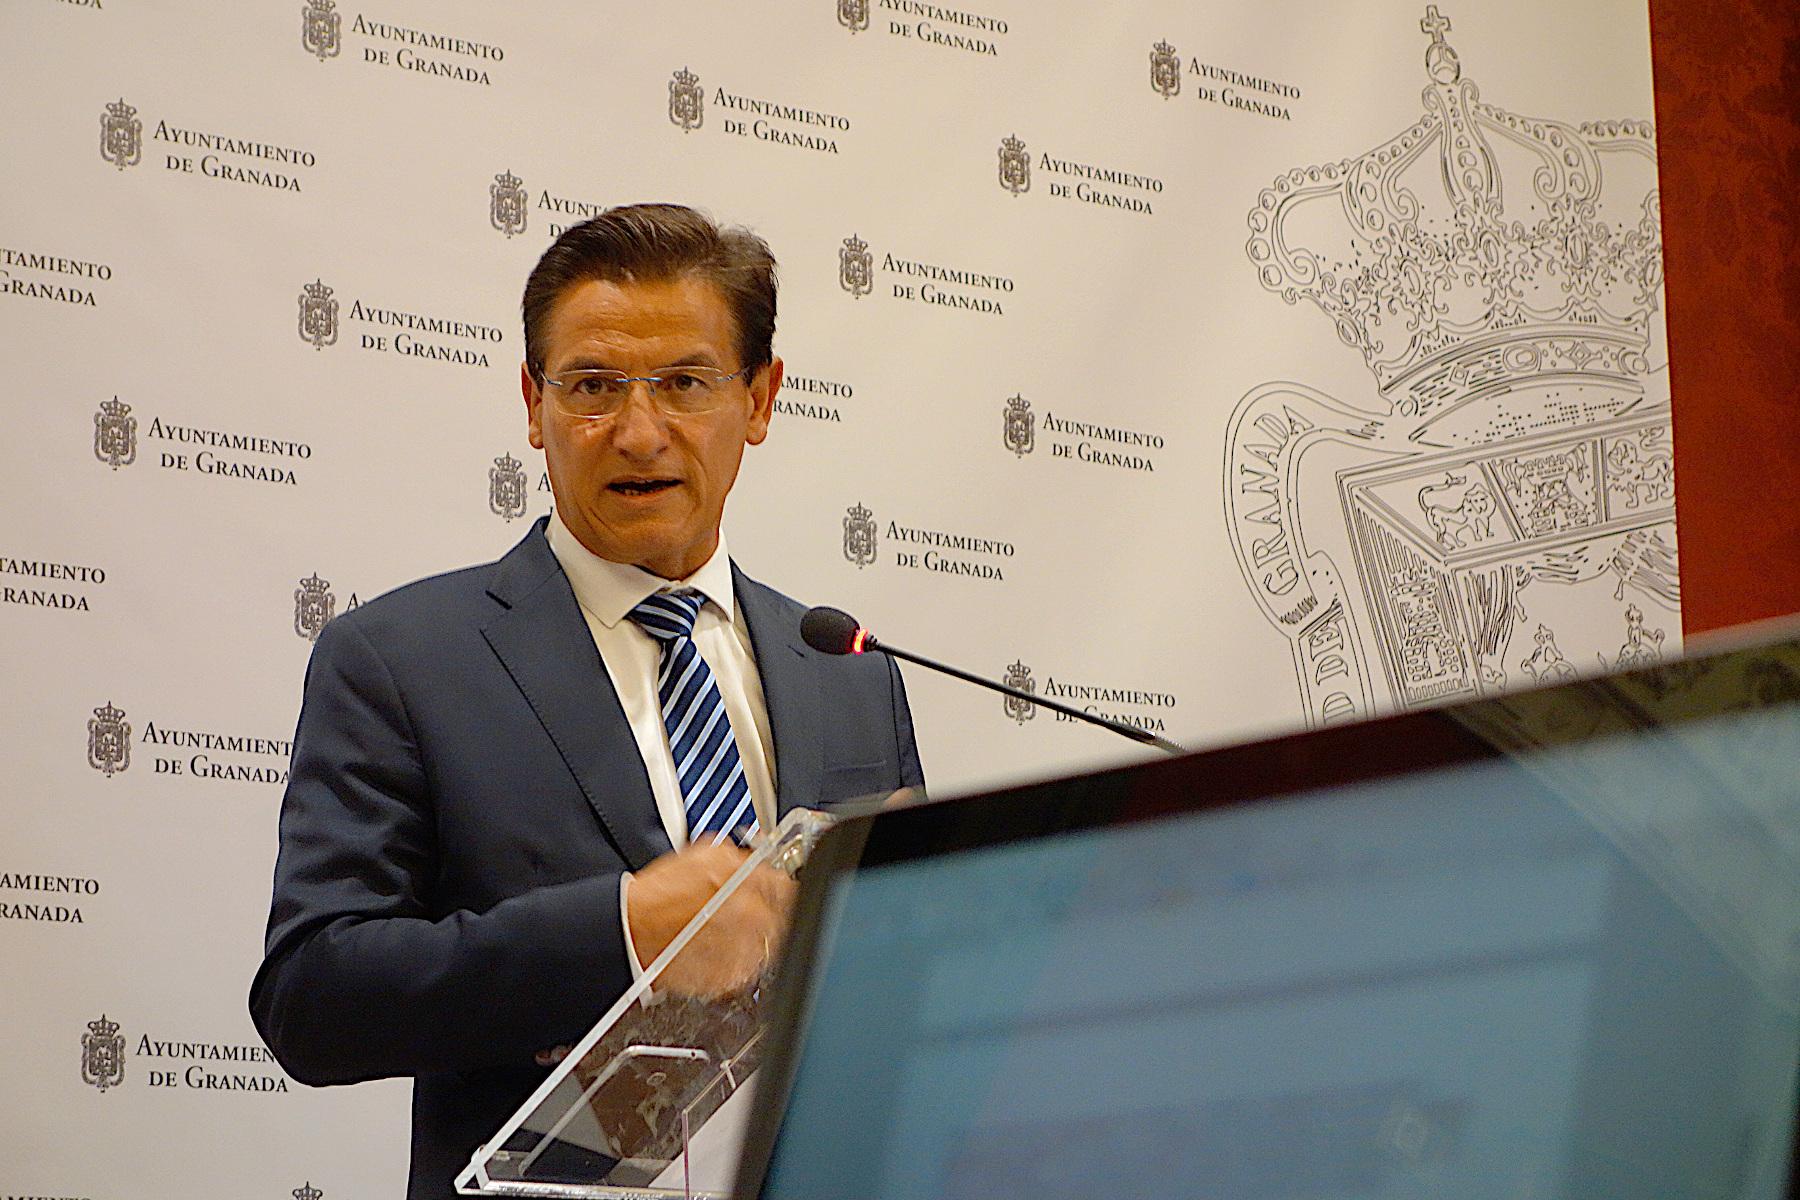 El alcalde pide no cerrar Granada y tacha de escandaloso lo ocurrido el sábado en Ganivet